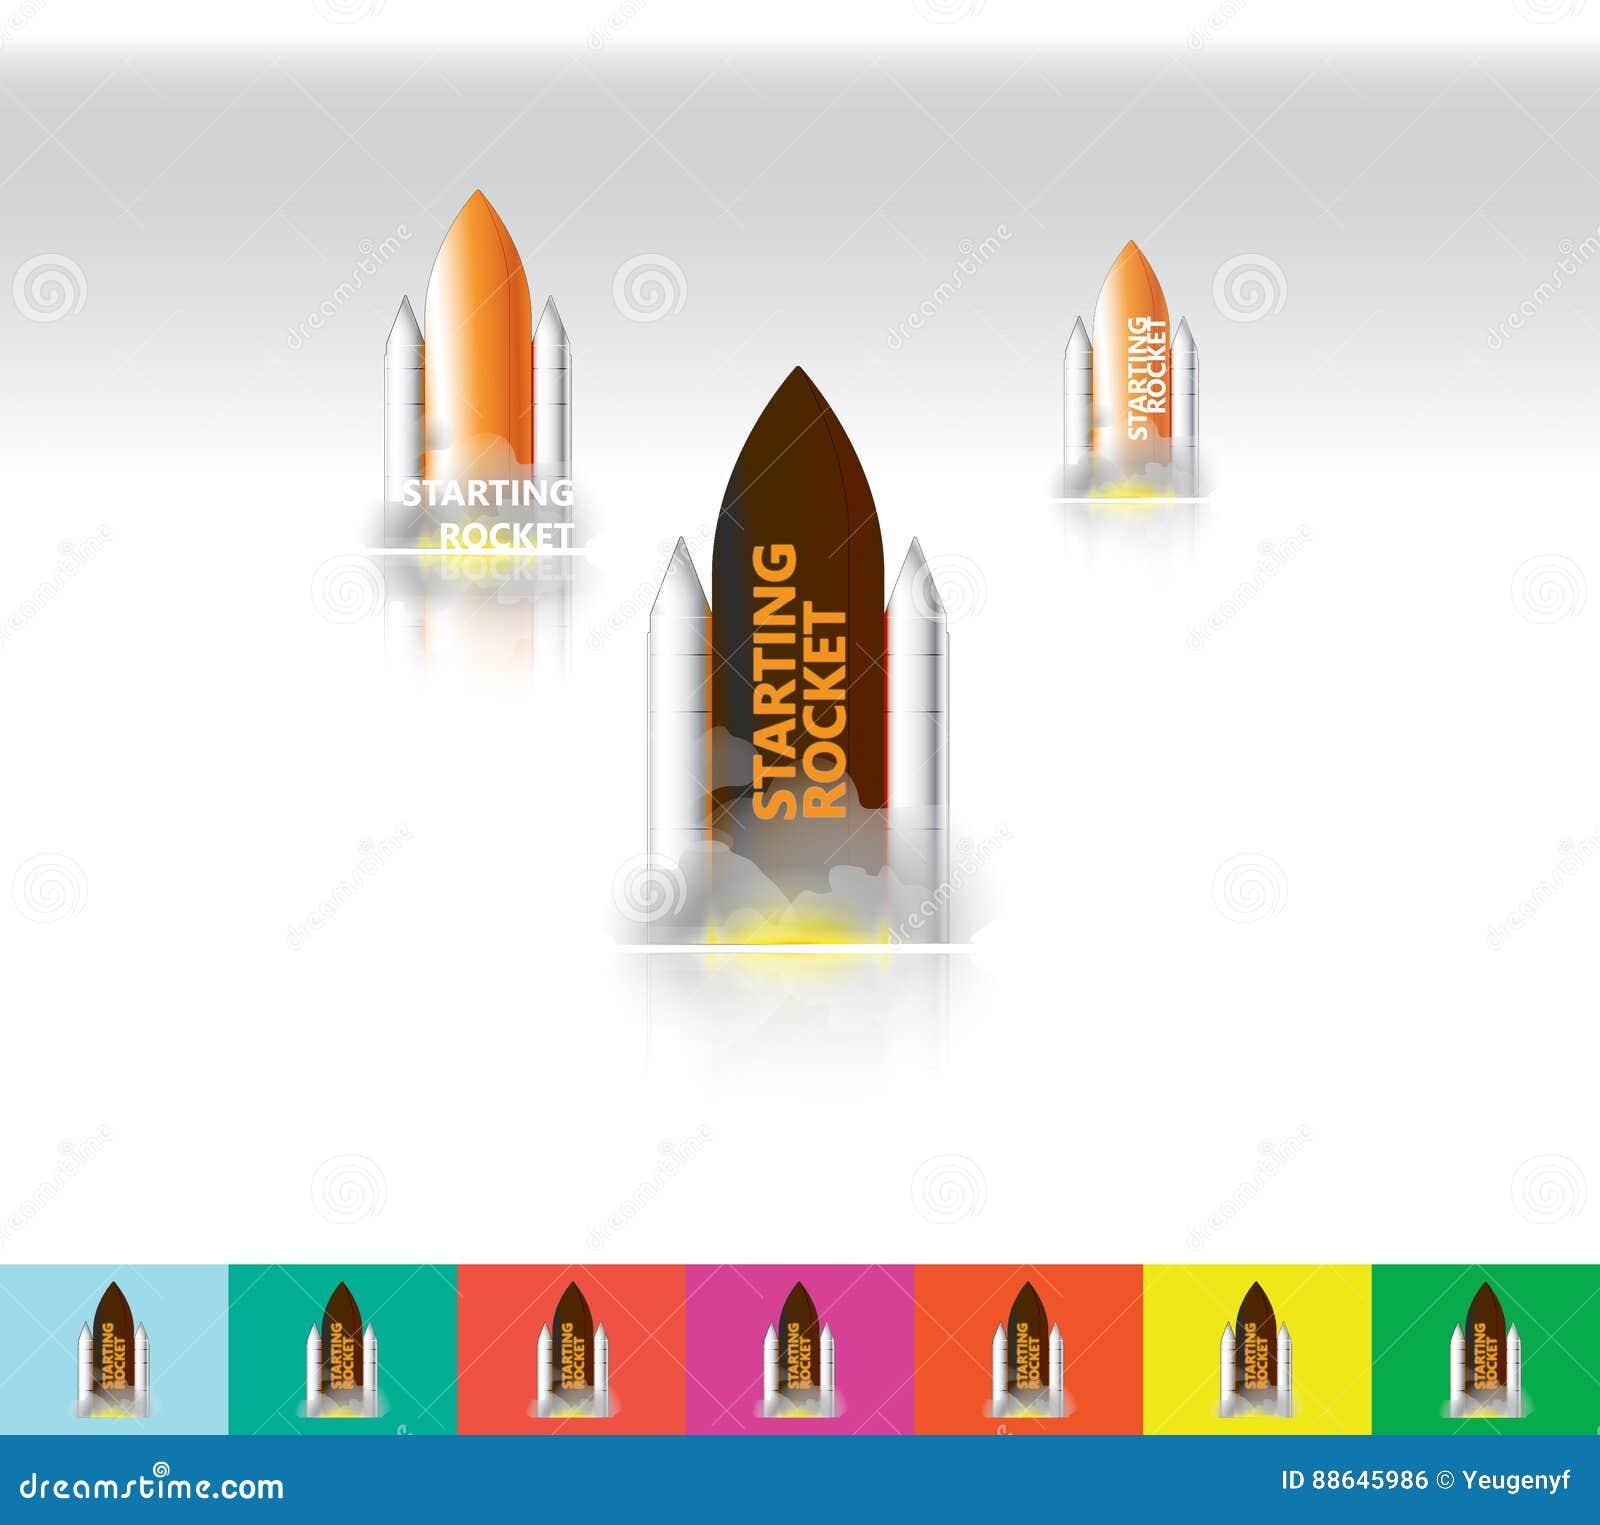 Rocket Carrier Texture & logo